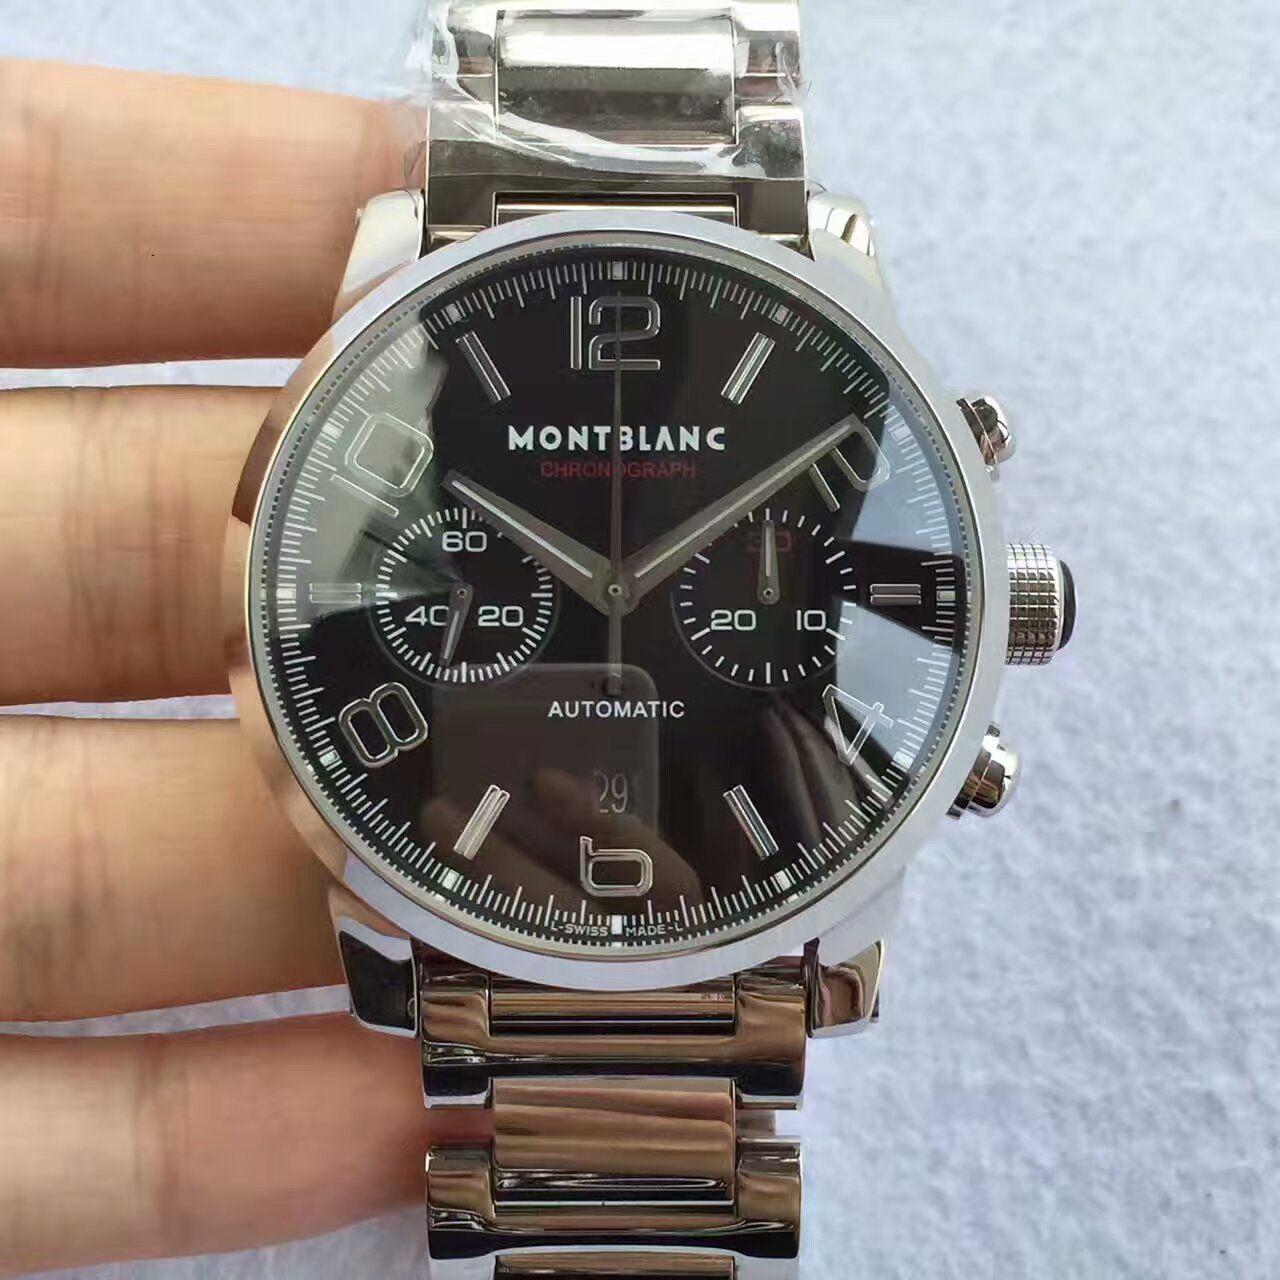 【台湾厂顶级复刻手表】万宝龙时光行者系列U036972腕表